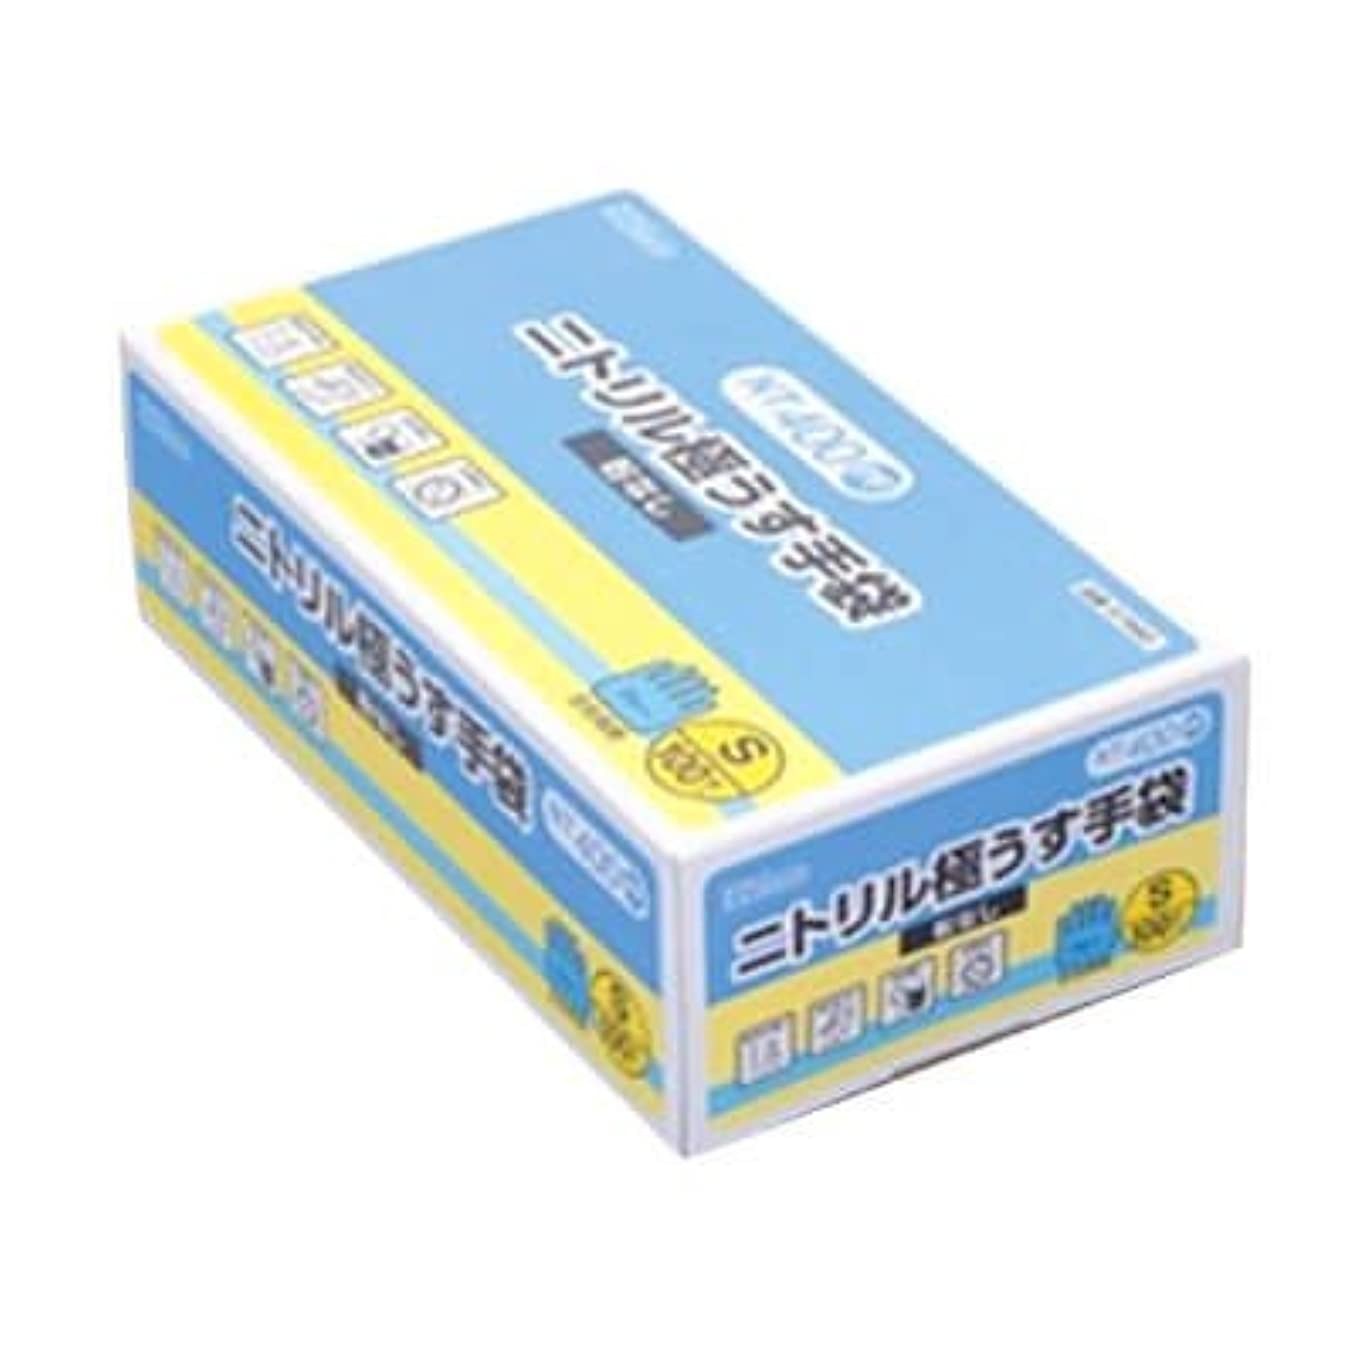 別れる葉を拾う協定【ケース販売】 ダンロップ ニトリル極うす手袋 粉無 S ブルー NT-400 (100枚入×20箱)